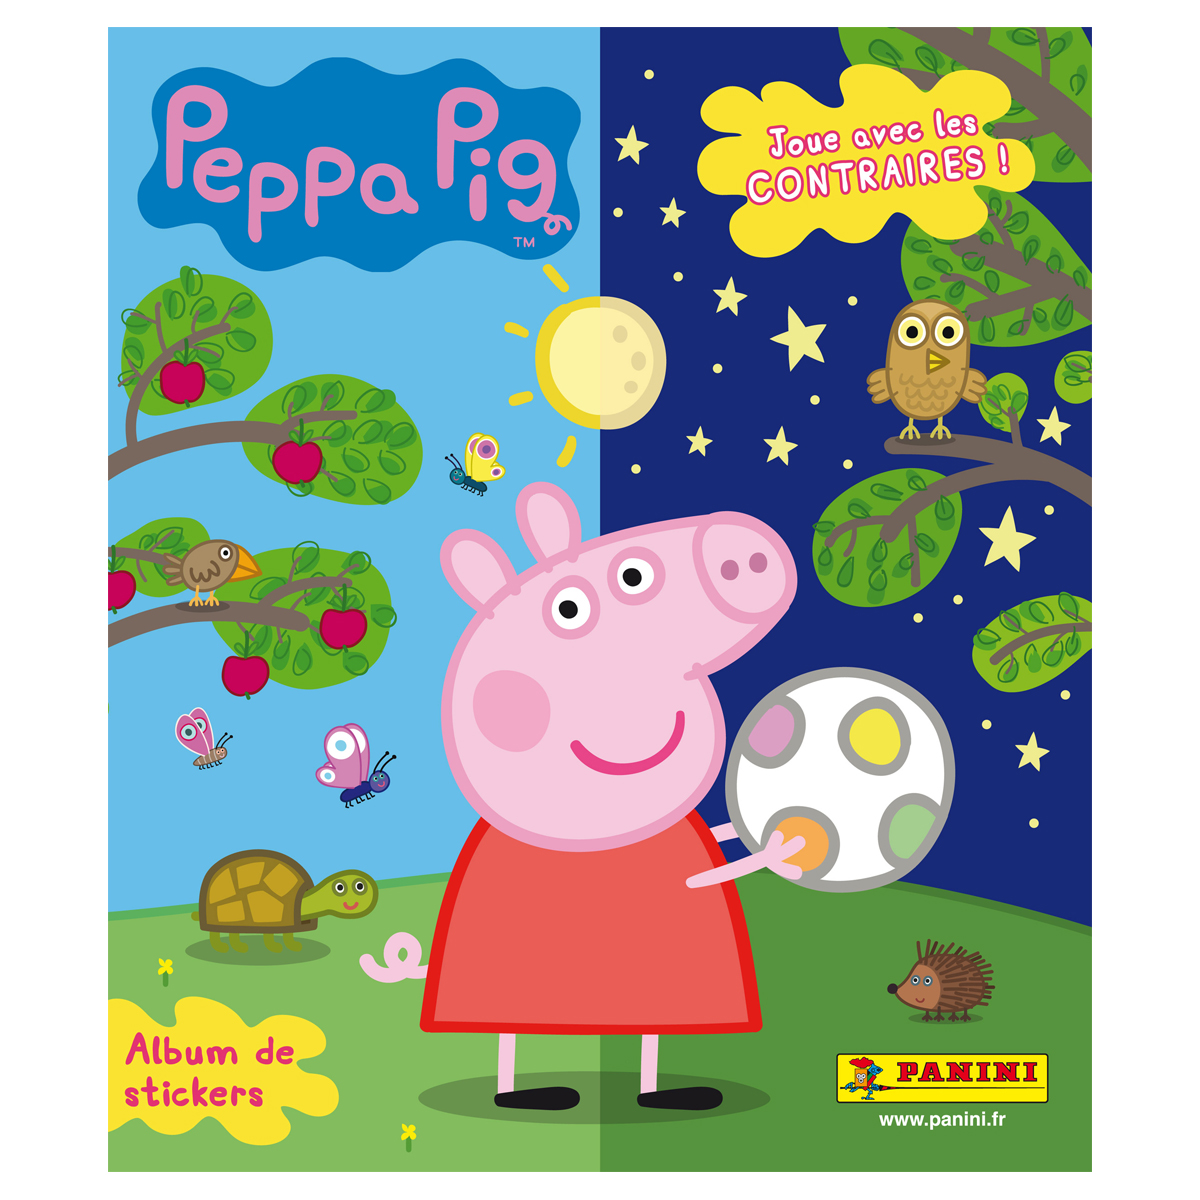 Album stickers - Peppa Pig  joue avec les contraires